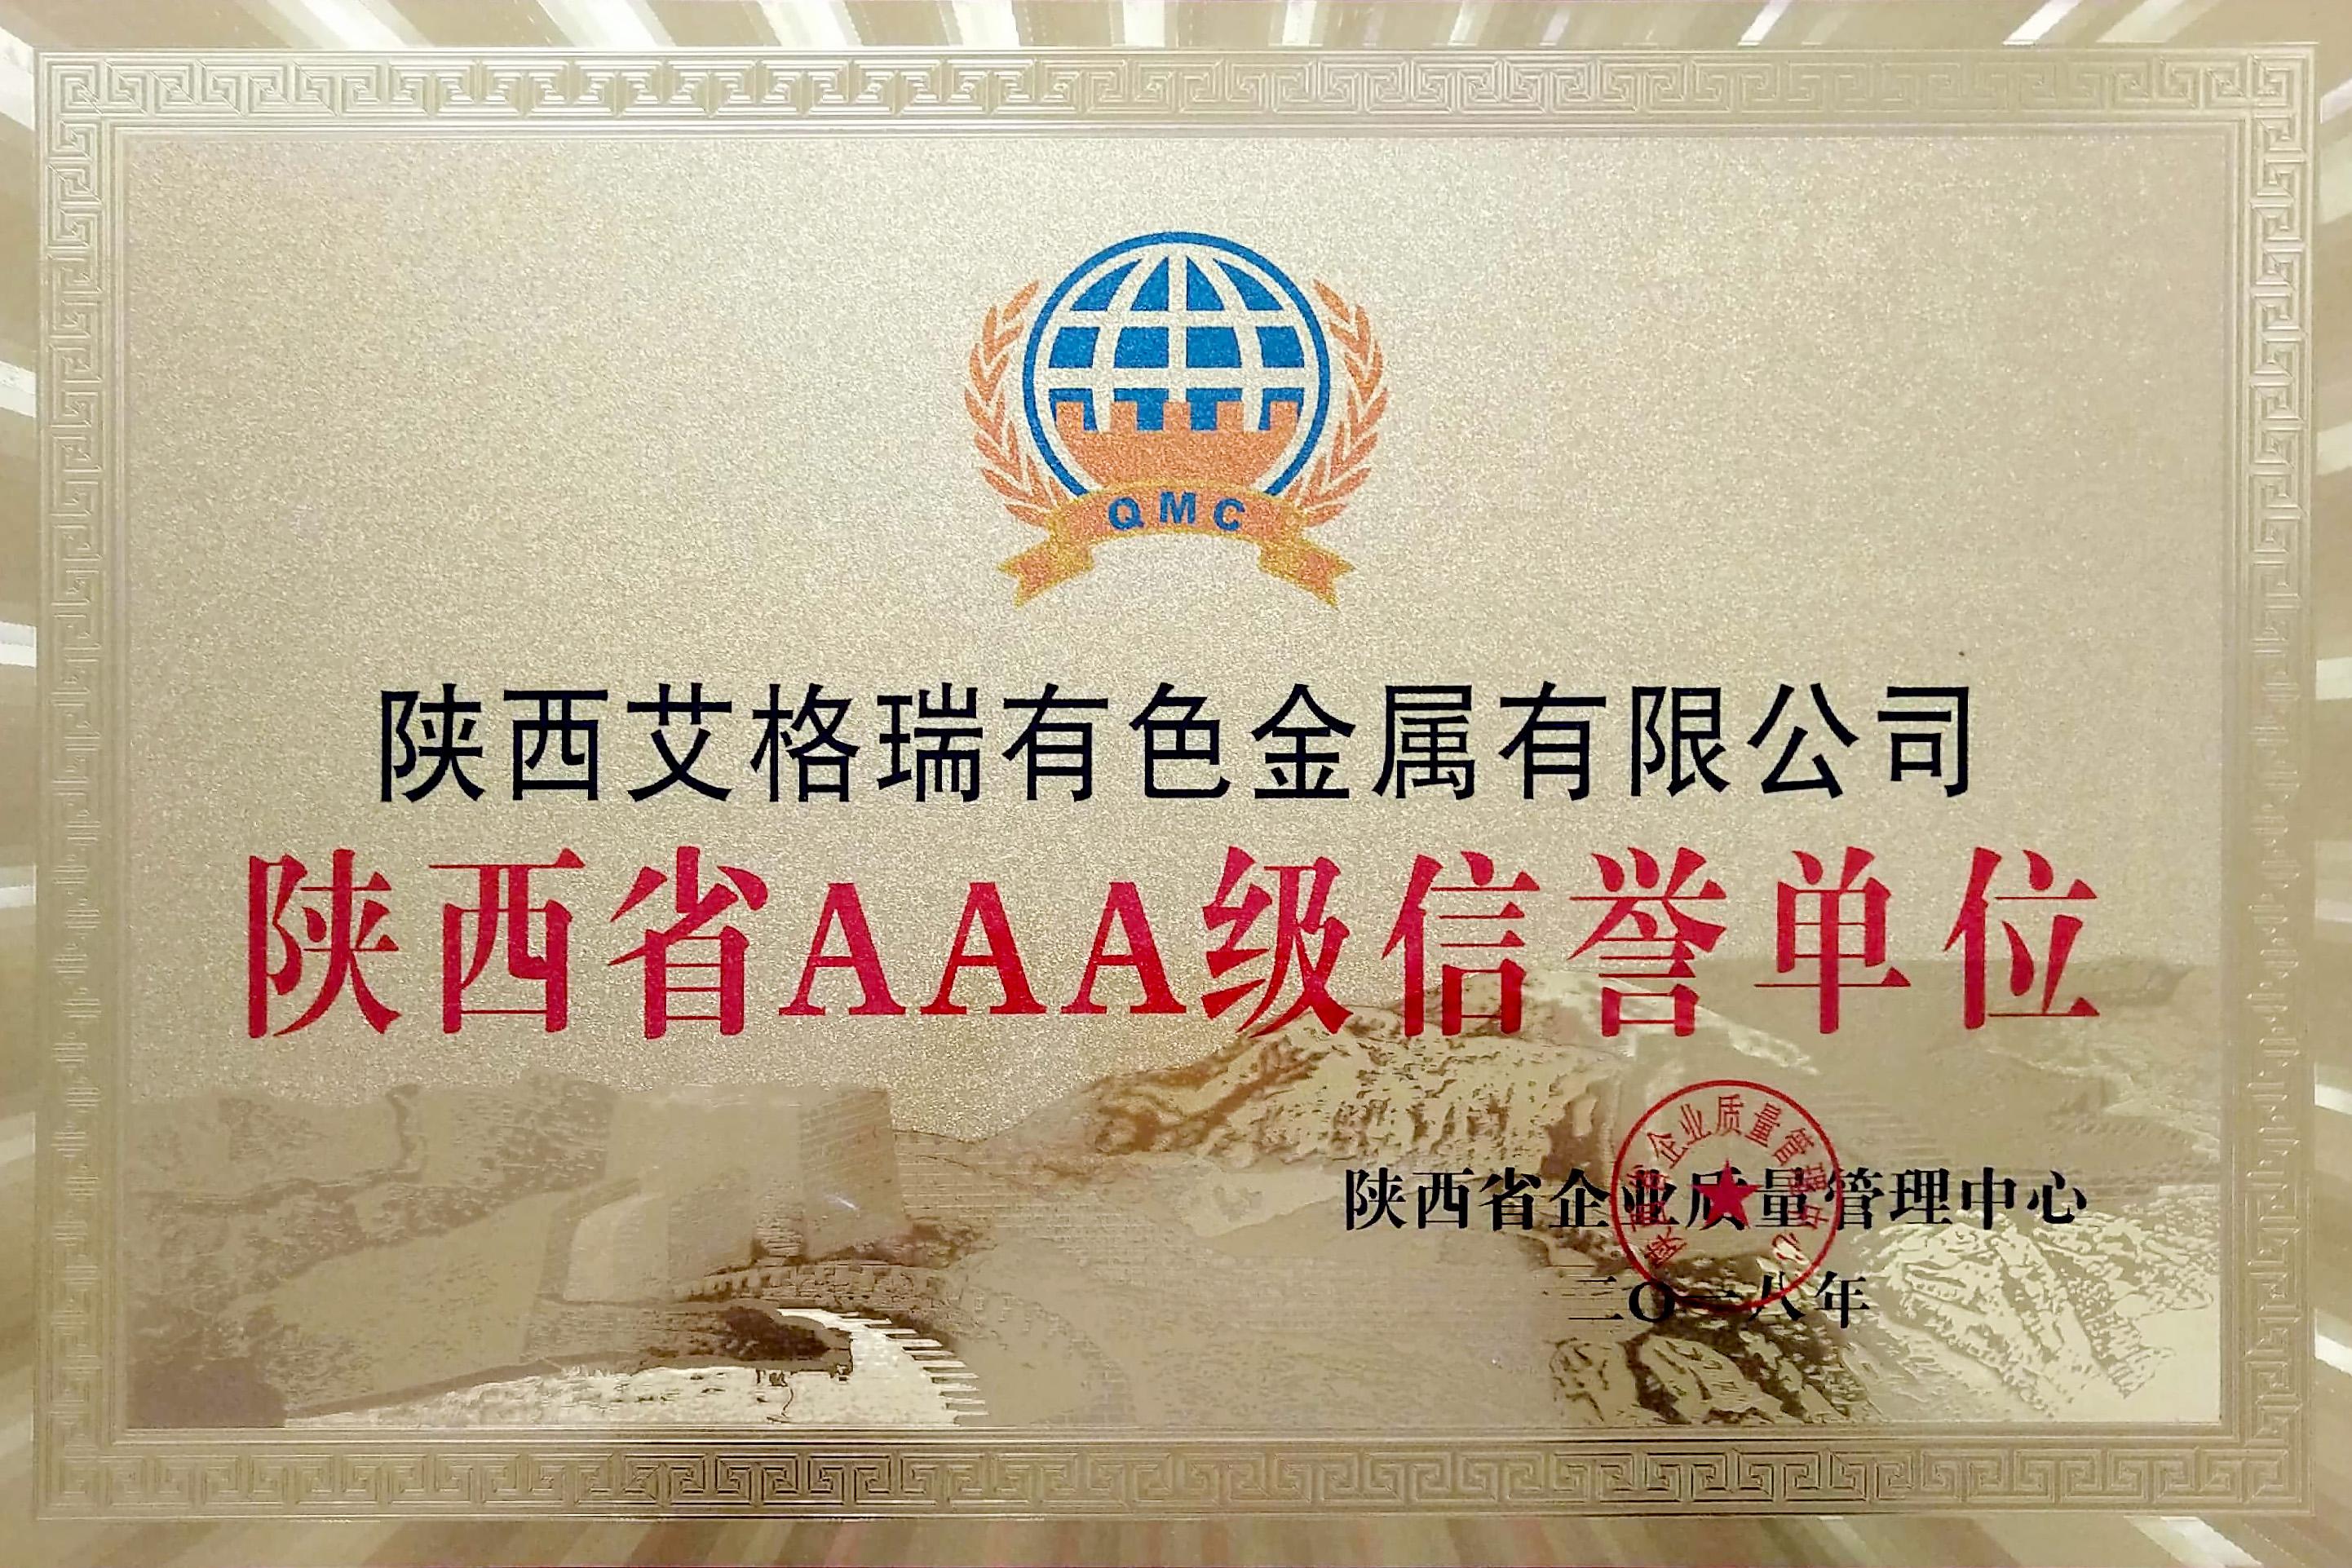 陕西省AAA级信誉单位-奖牌